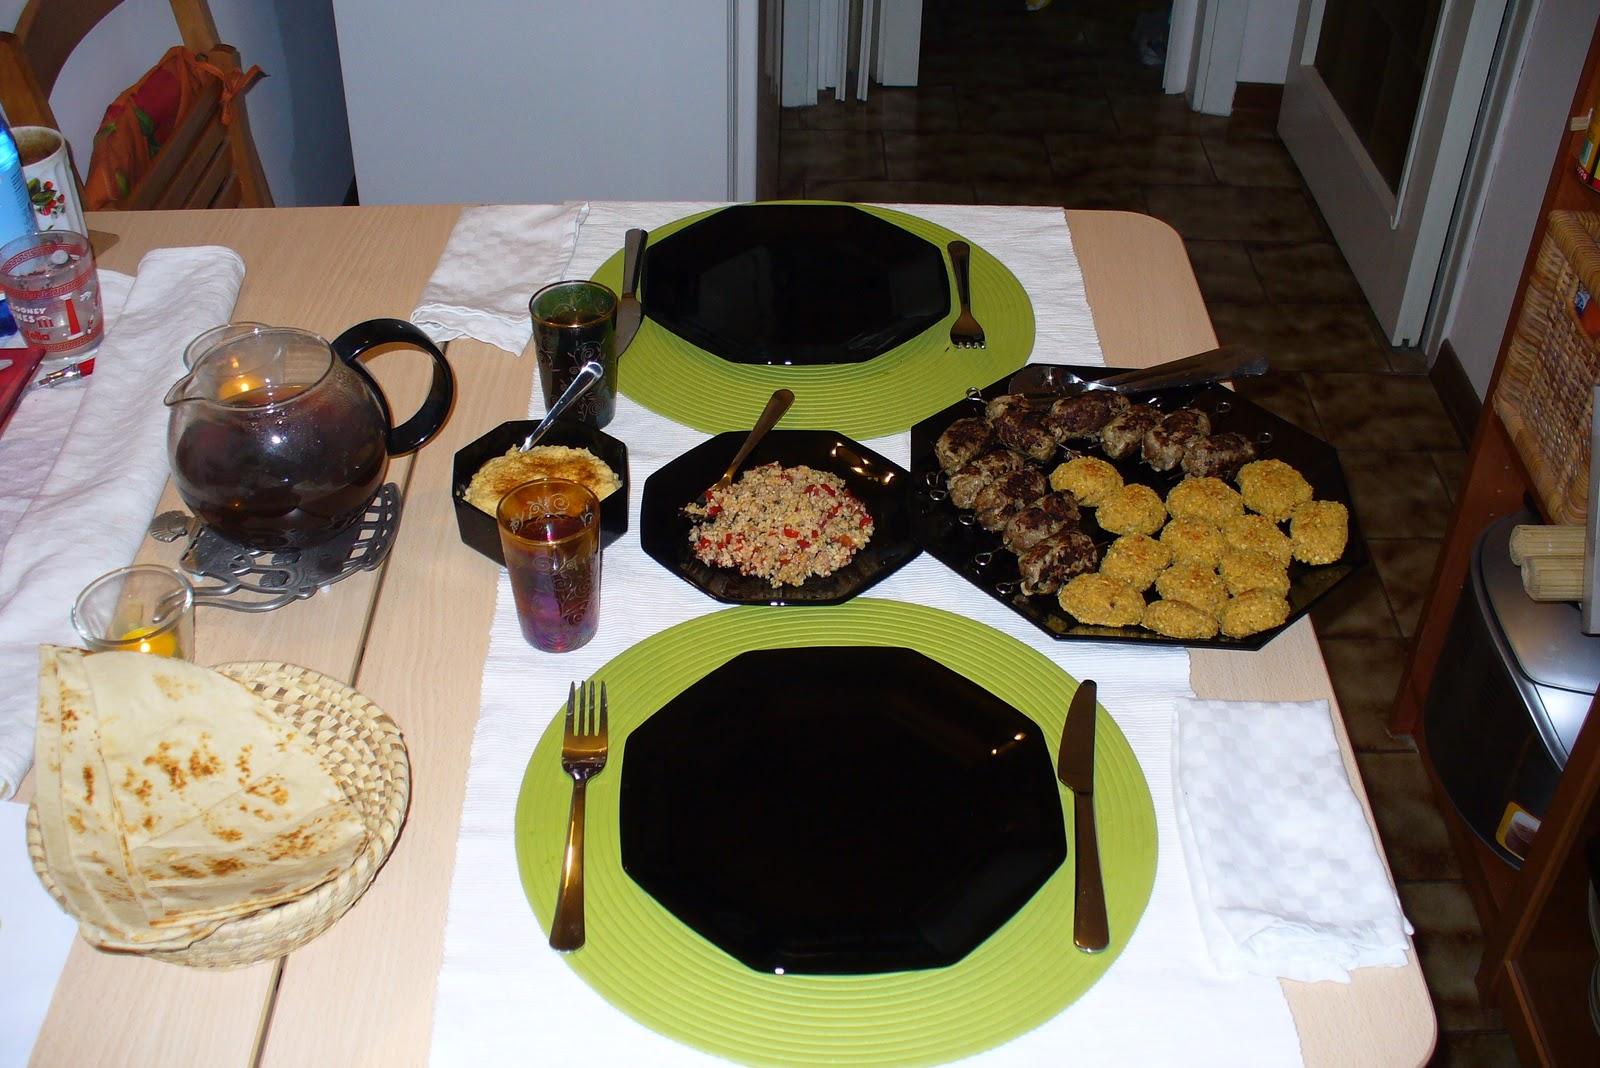 Cucinare la mia passione cucina arabo libanese for Cucinare vegetariano